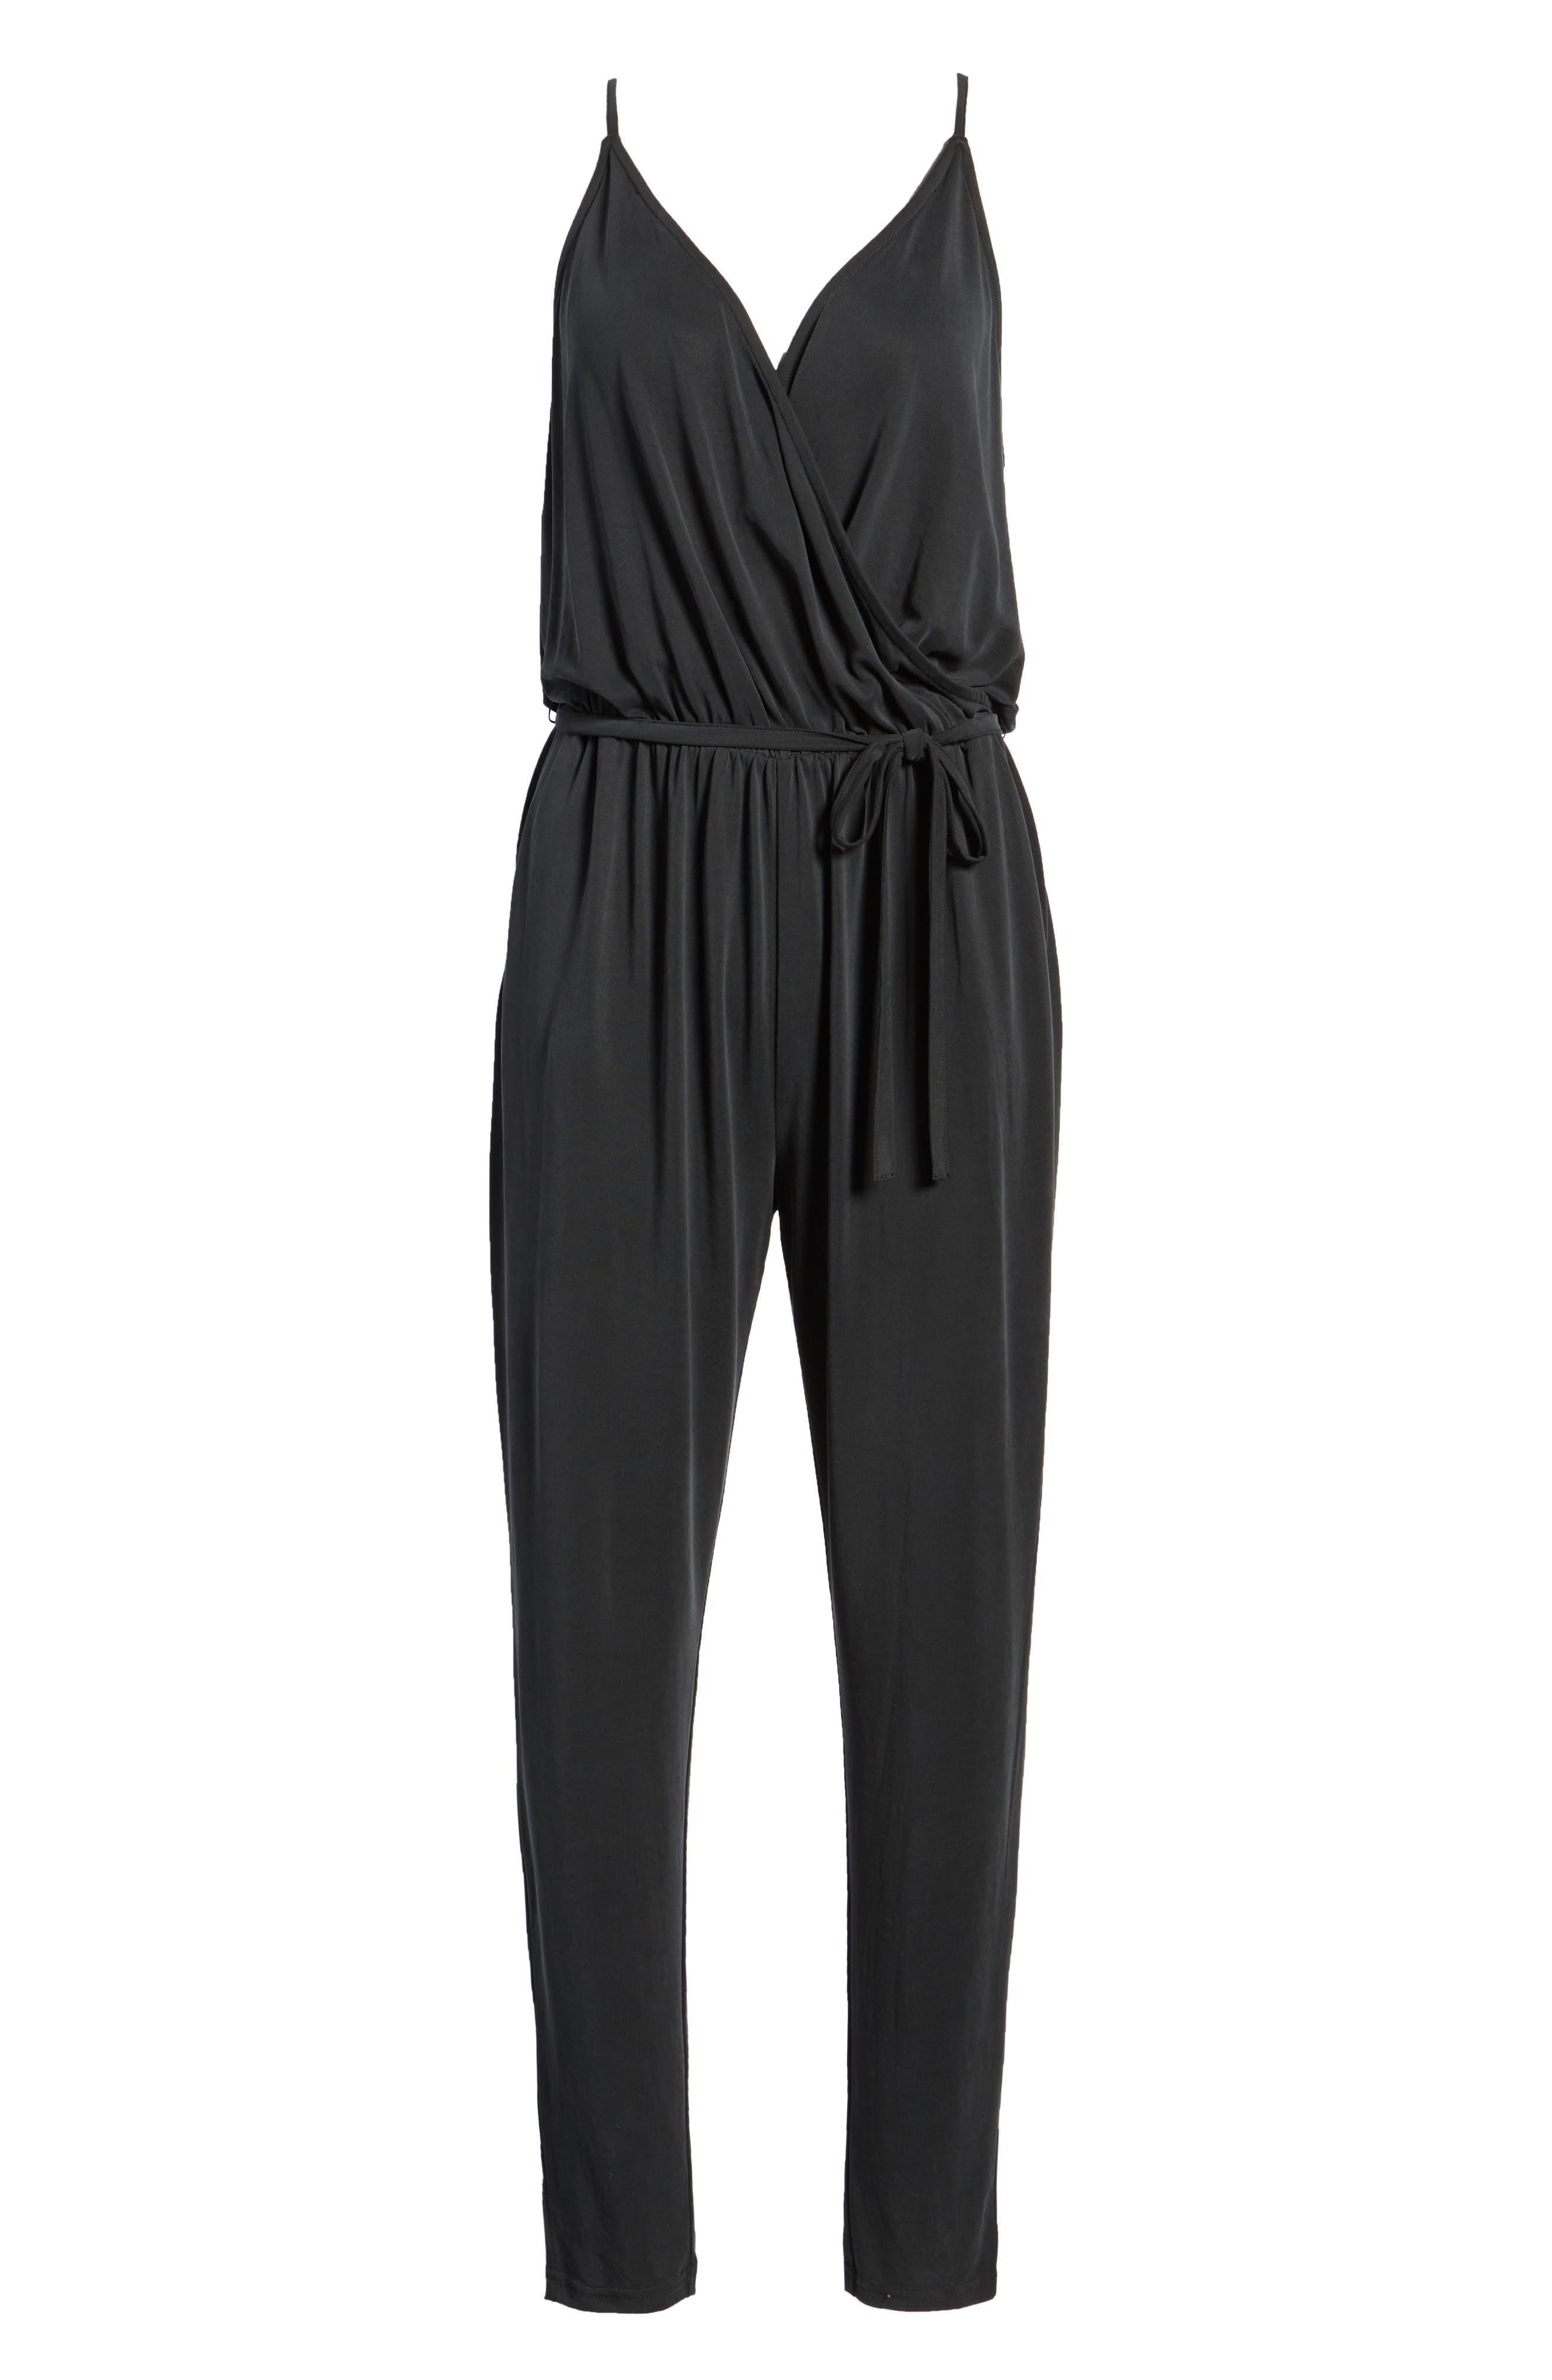 LIRA CLOTHING,                             Marni Jumpsuit,                             Alternate thumbnail 7, color,                             001